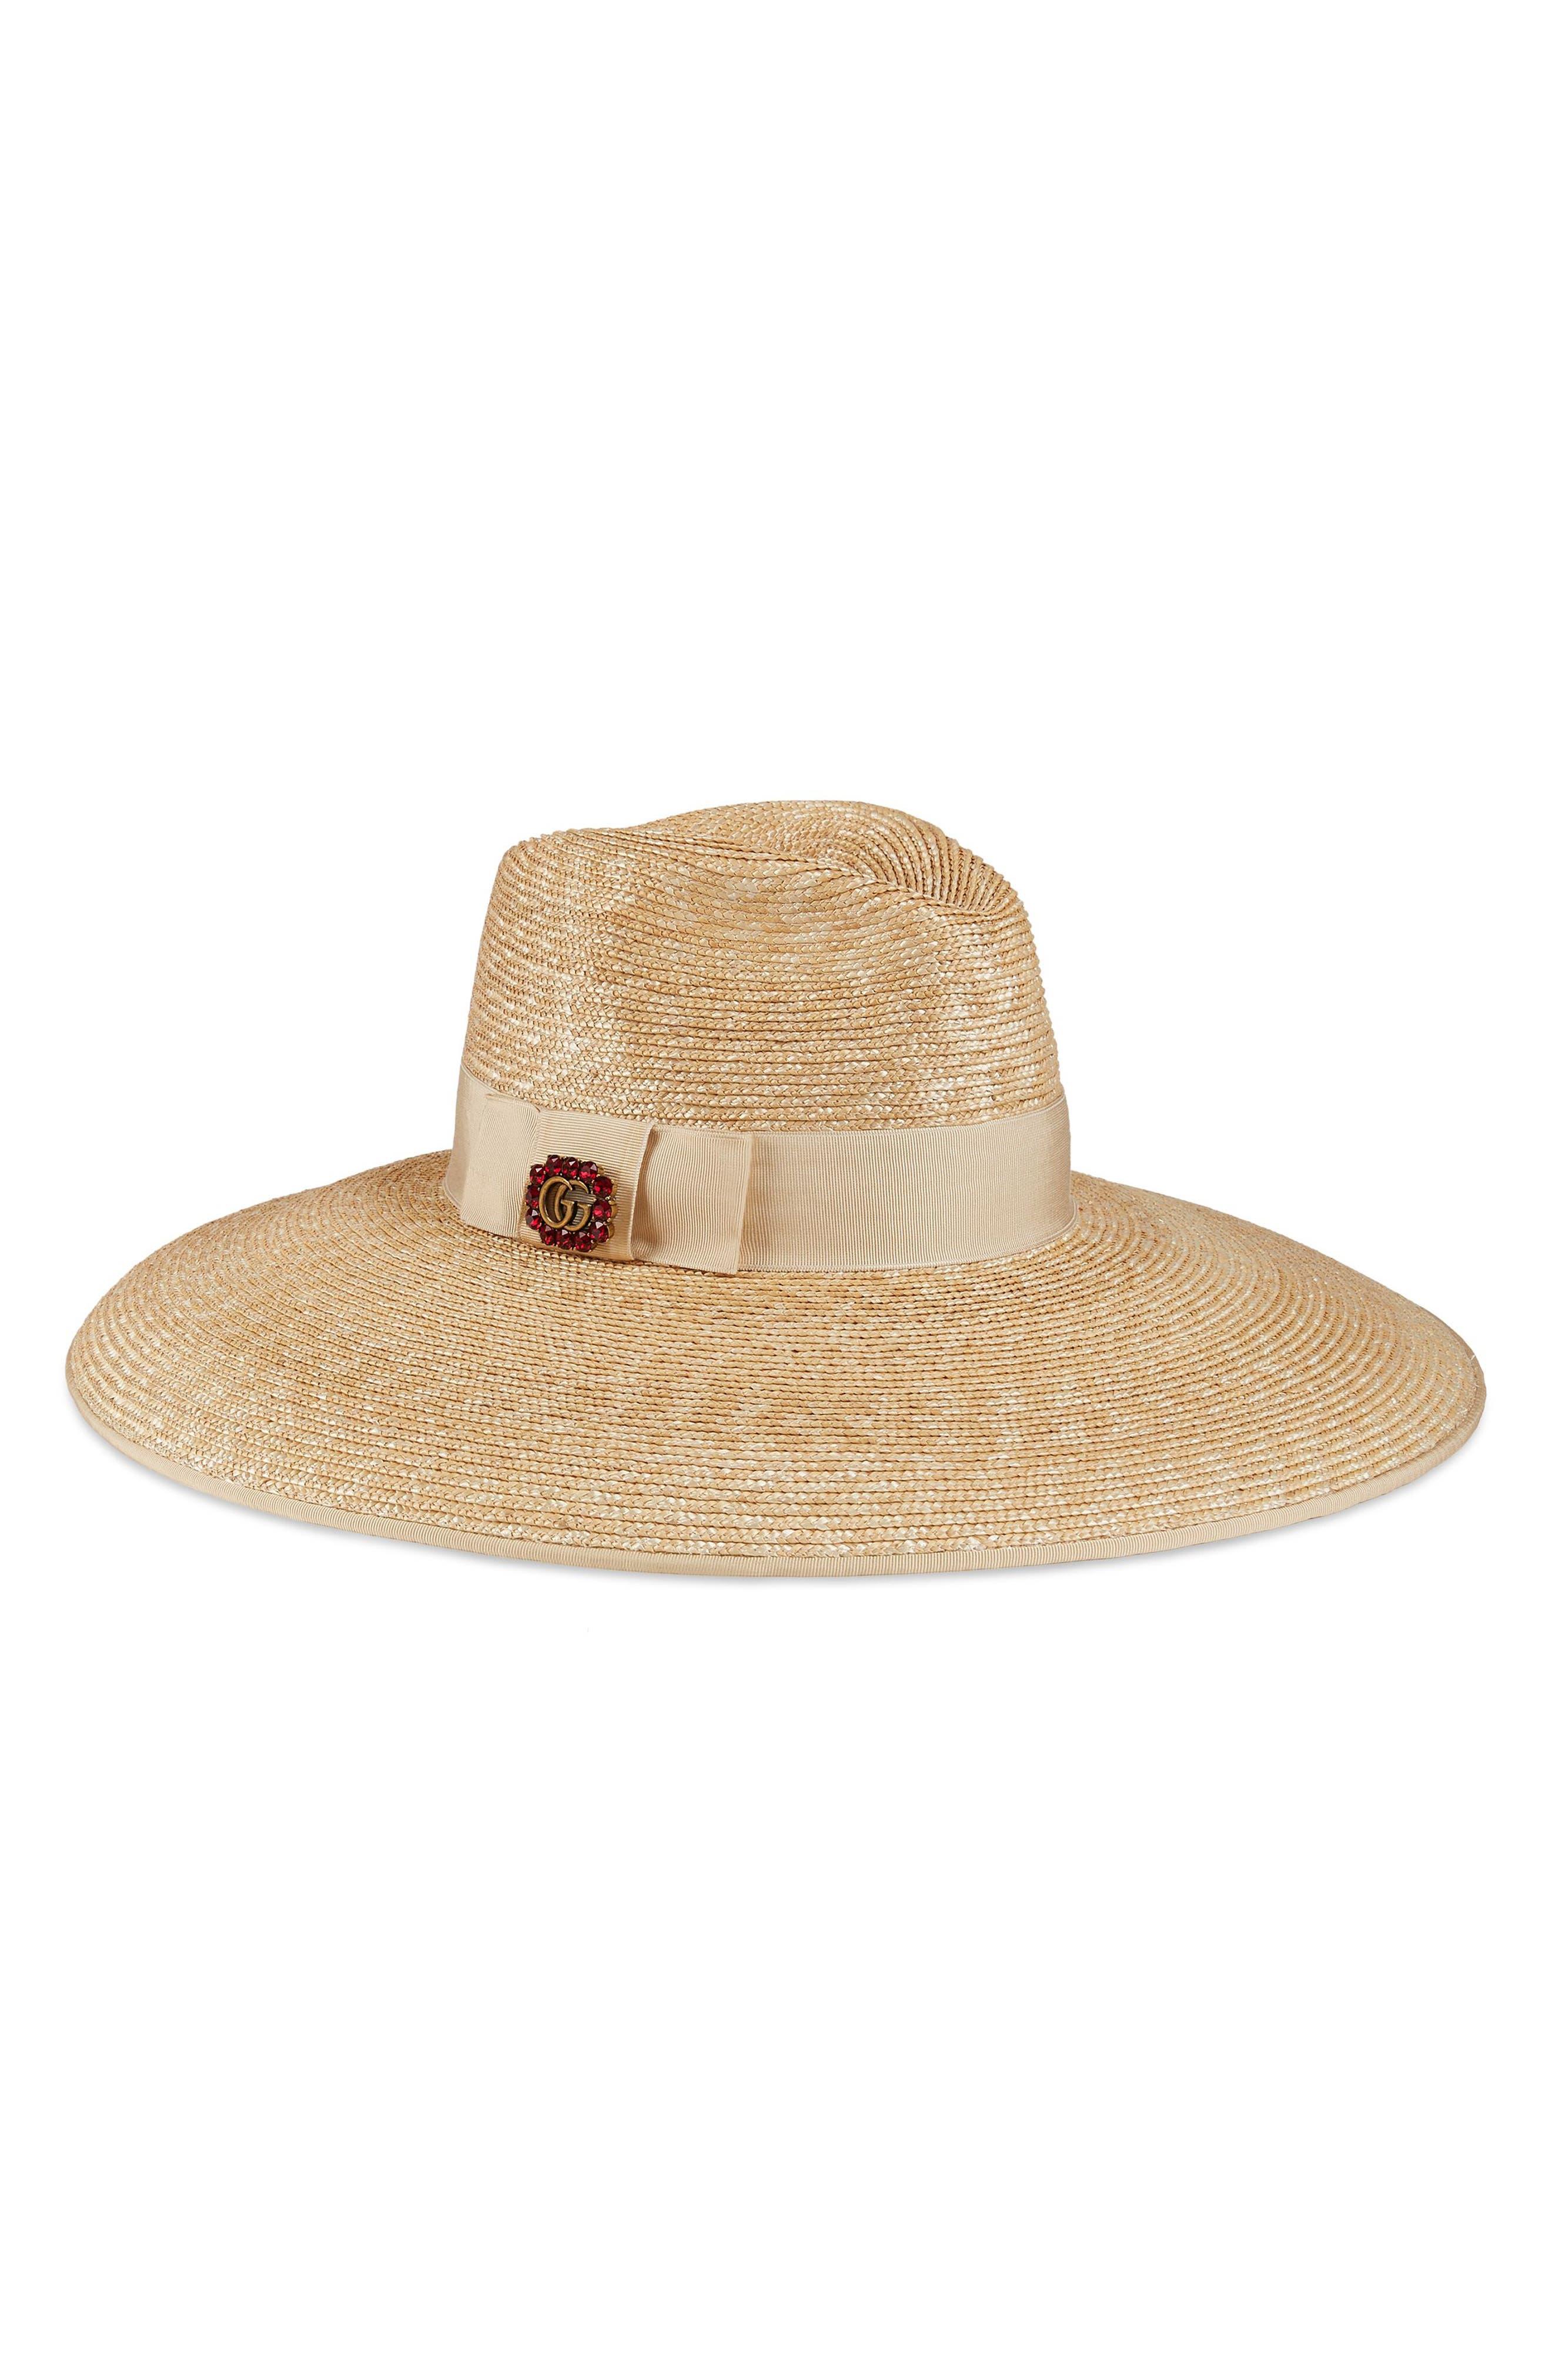 Crystal Embellished Wide Brim Straw Hat,                         Main,                         color, 110